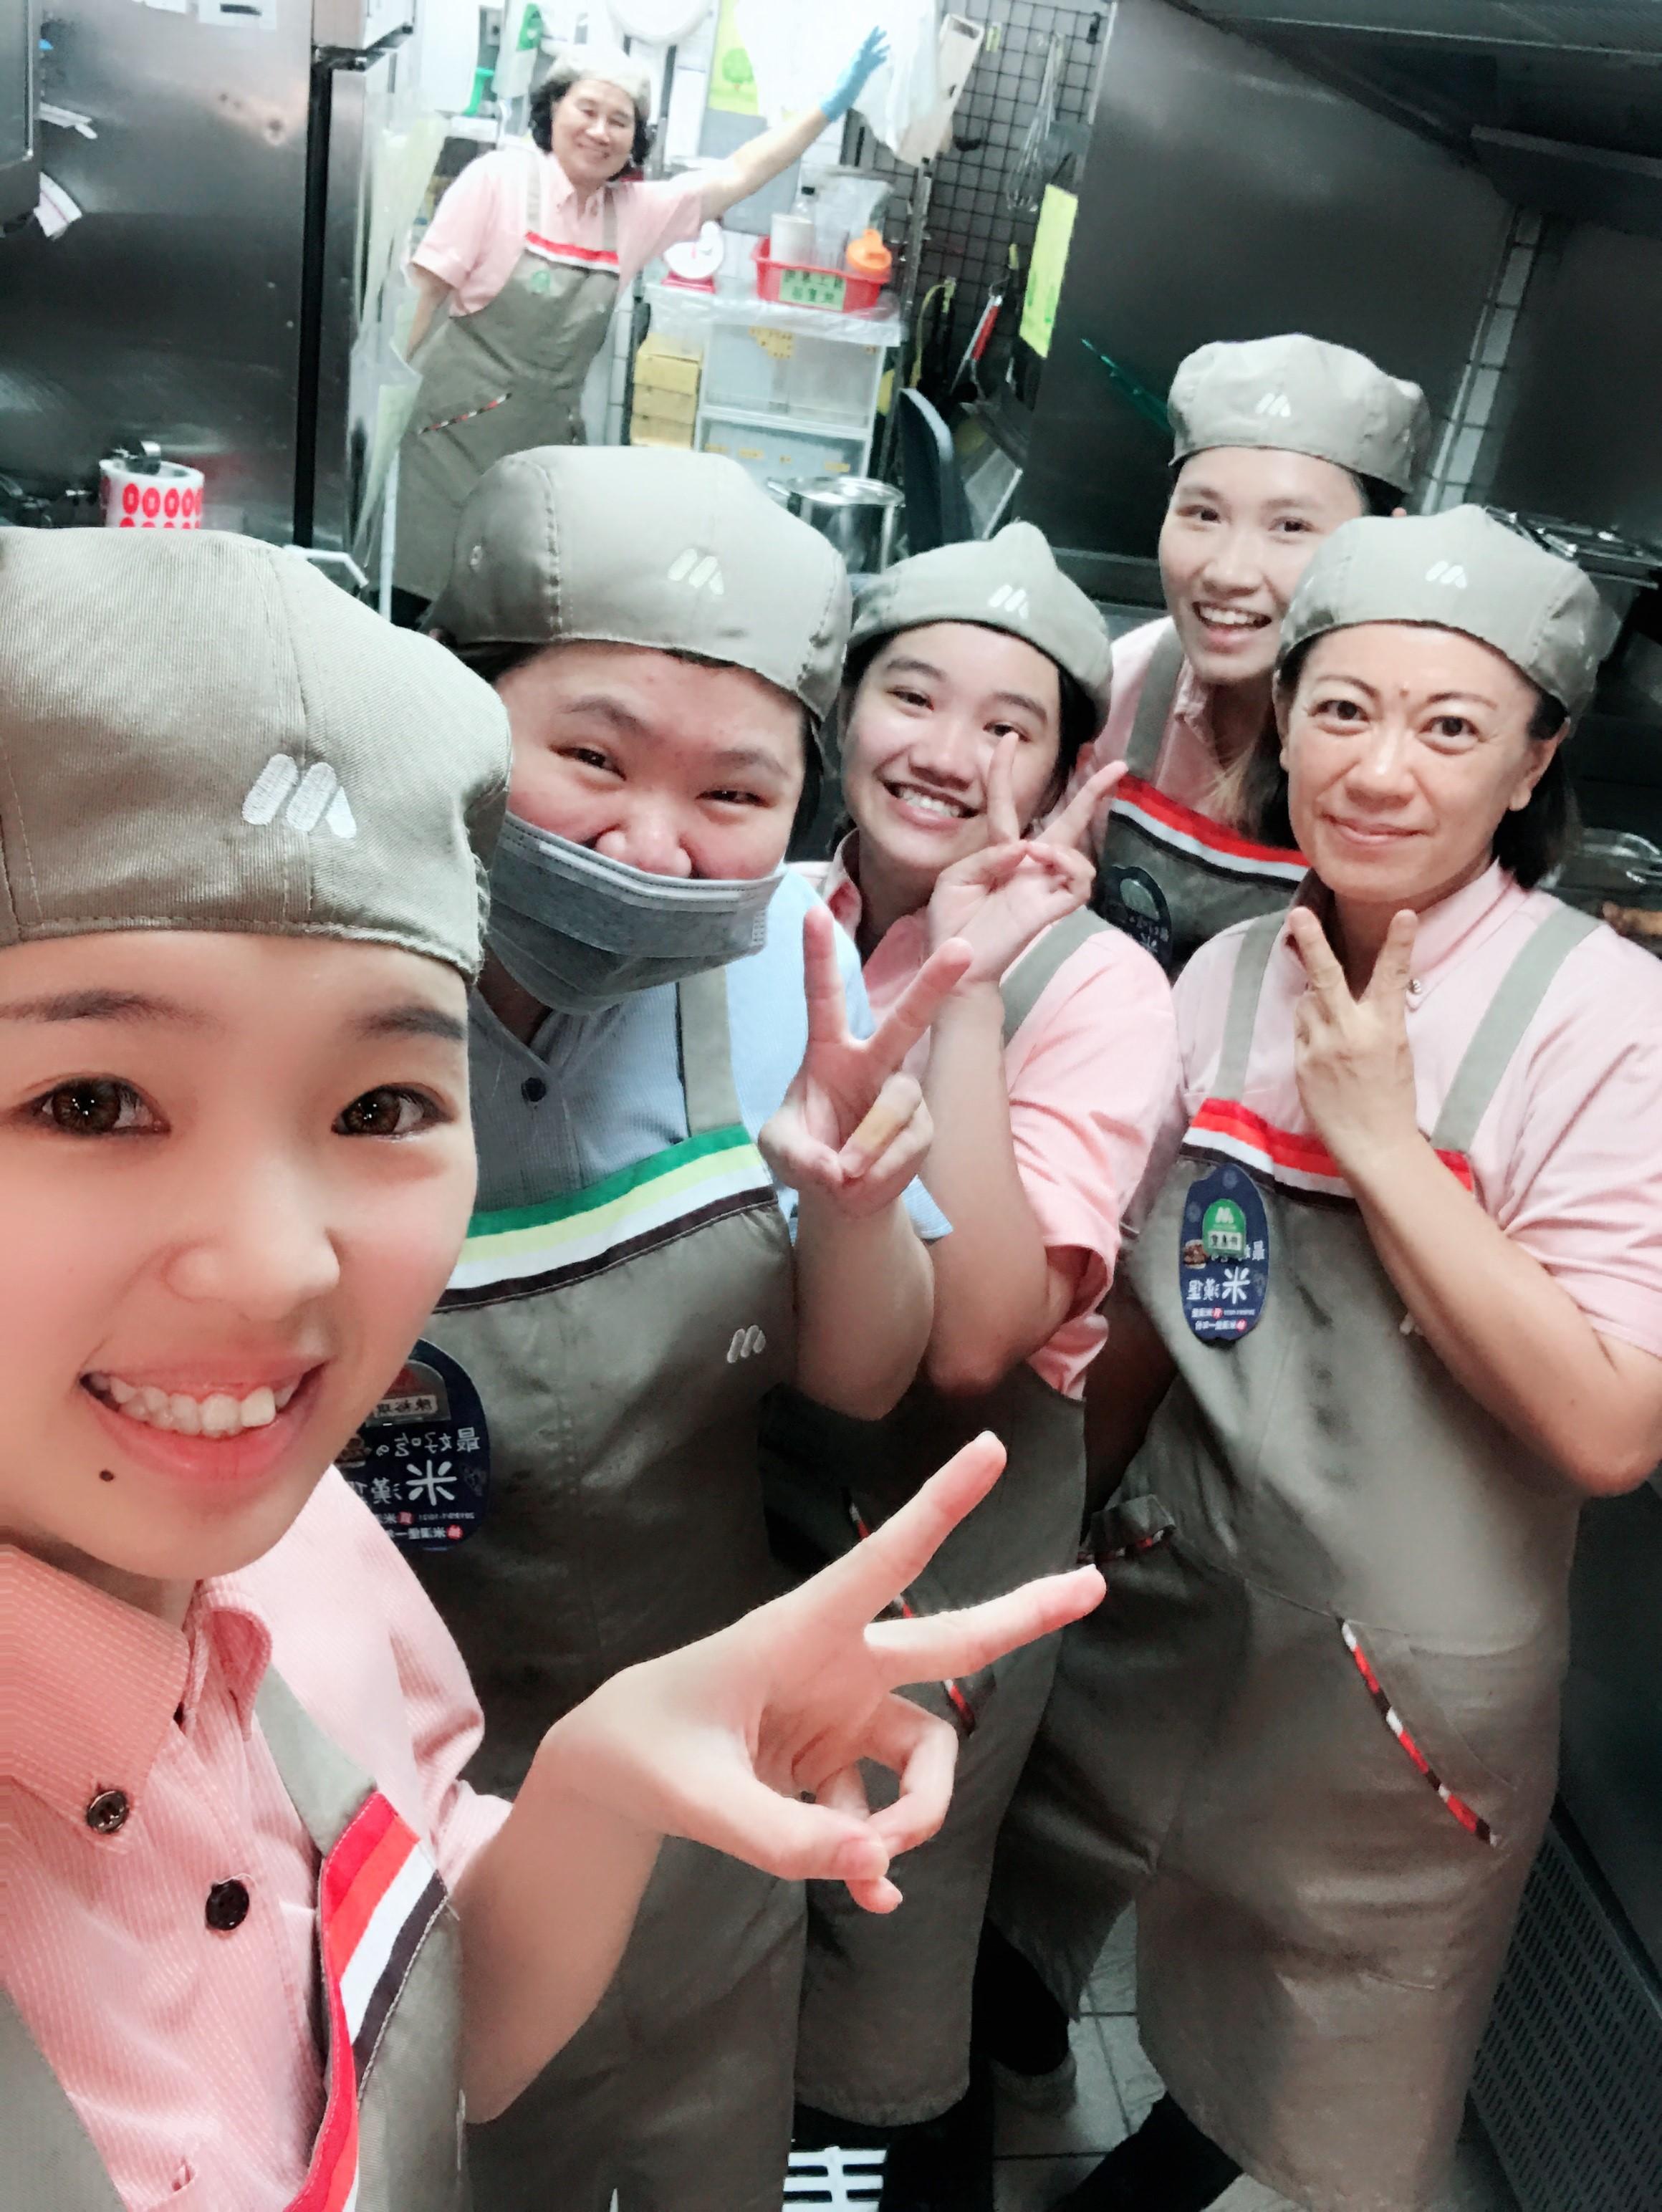 容瑜(左1)擔任小組長,充實的4年訓練,她已成為有實力的新鮮人。